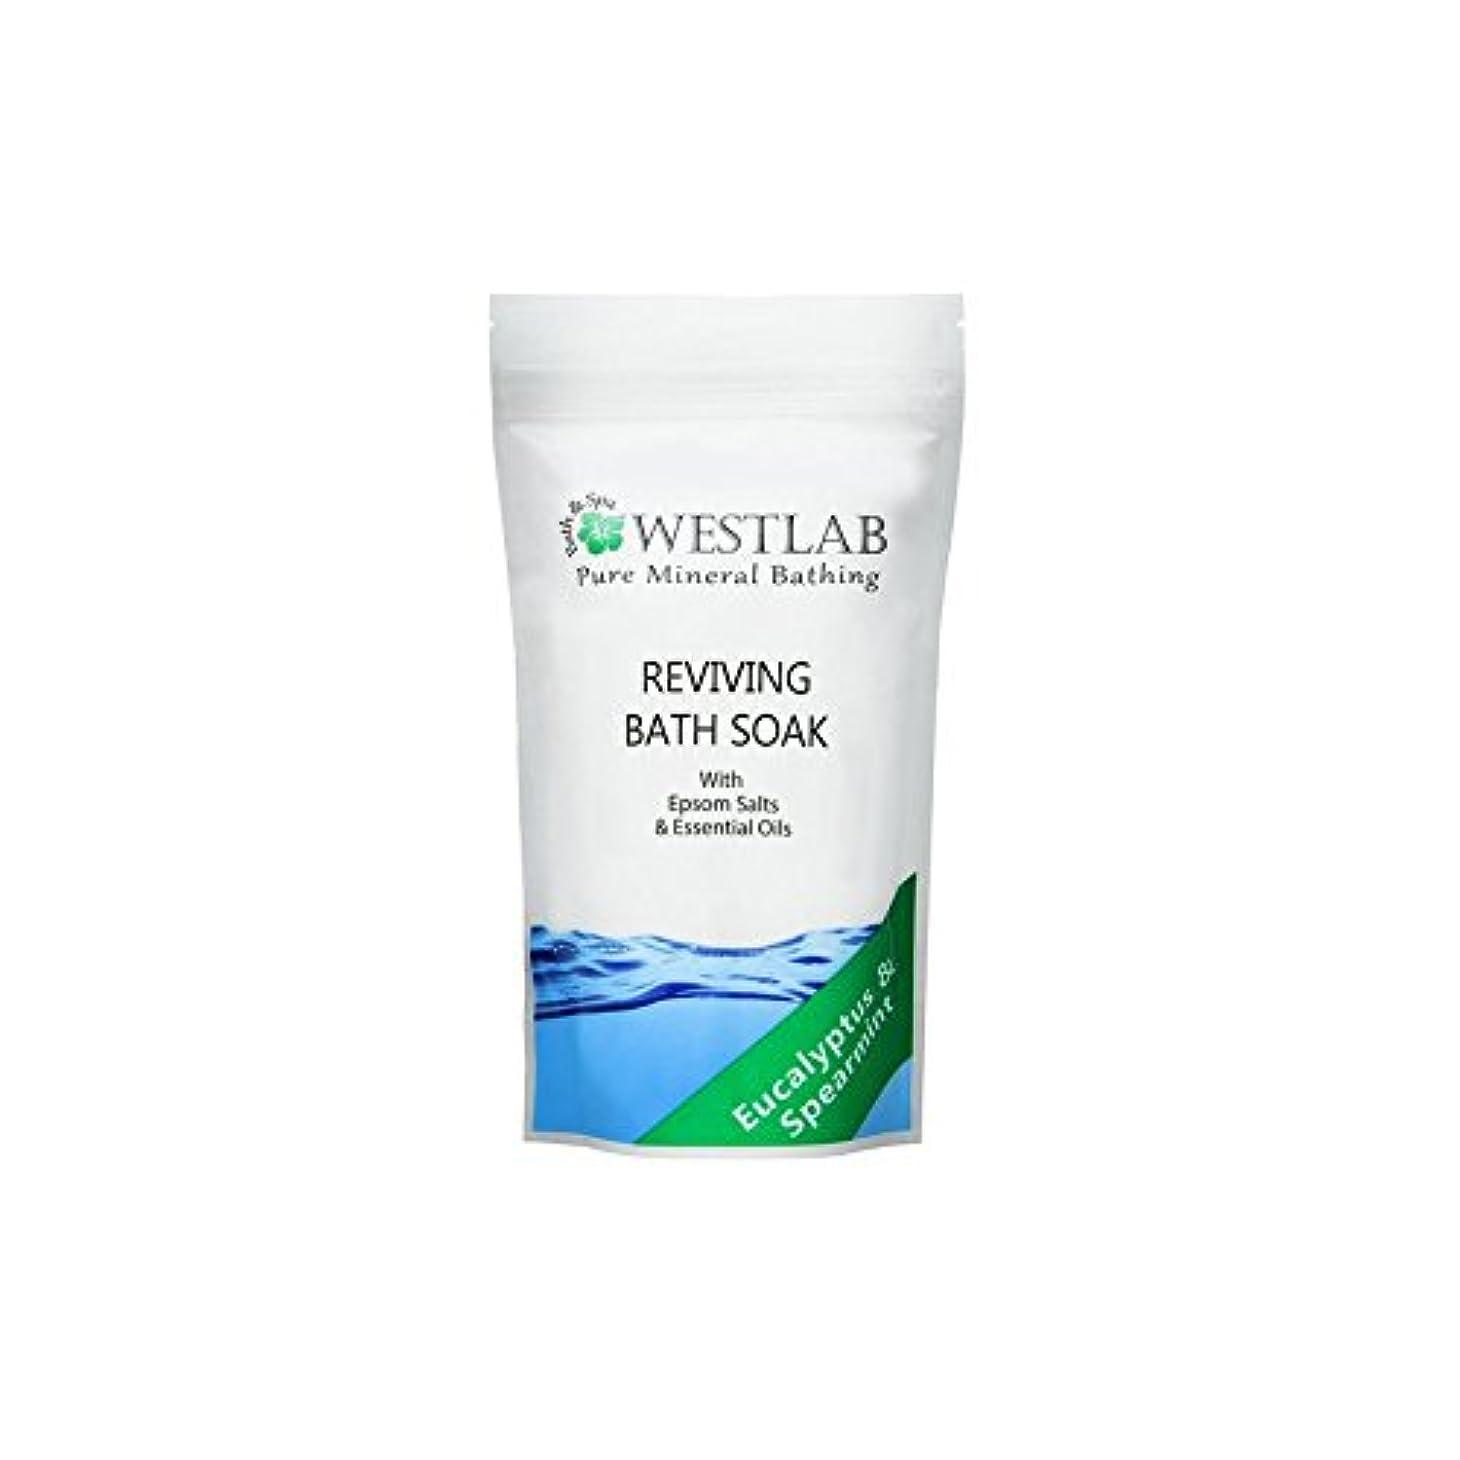 フィットネス登場コンテンツ(500グラム)をソークエプソム塩浴を復活させます x4 - Westlab Revive Epsom Salt Bath Soak (500g) (Pack of 4) [並行輸入品]